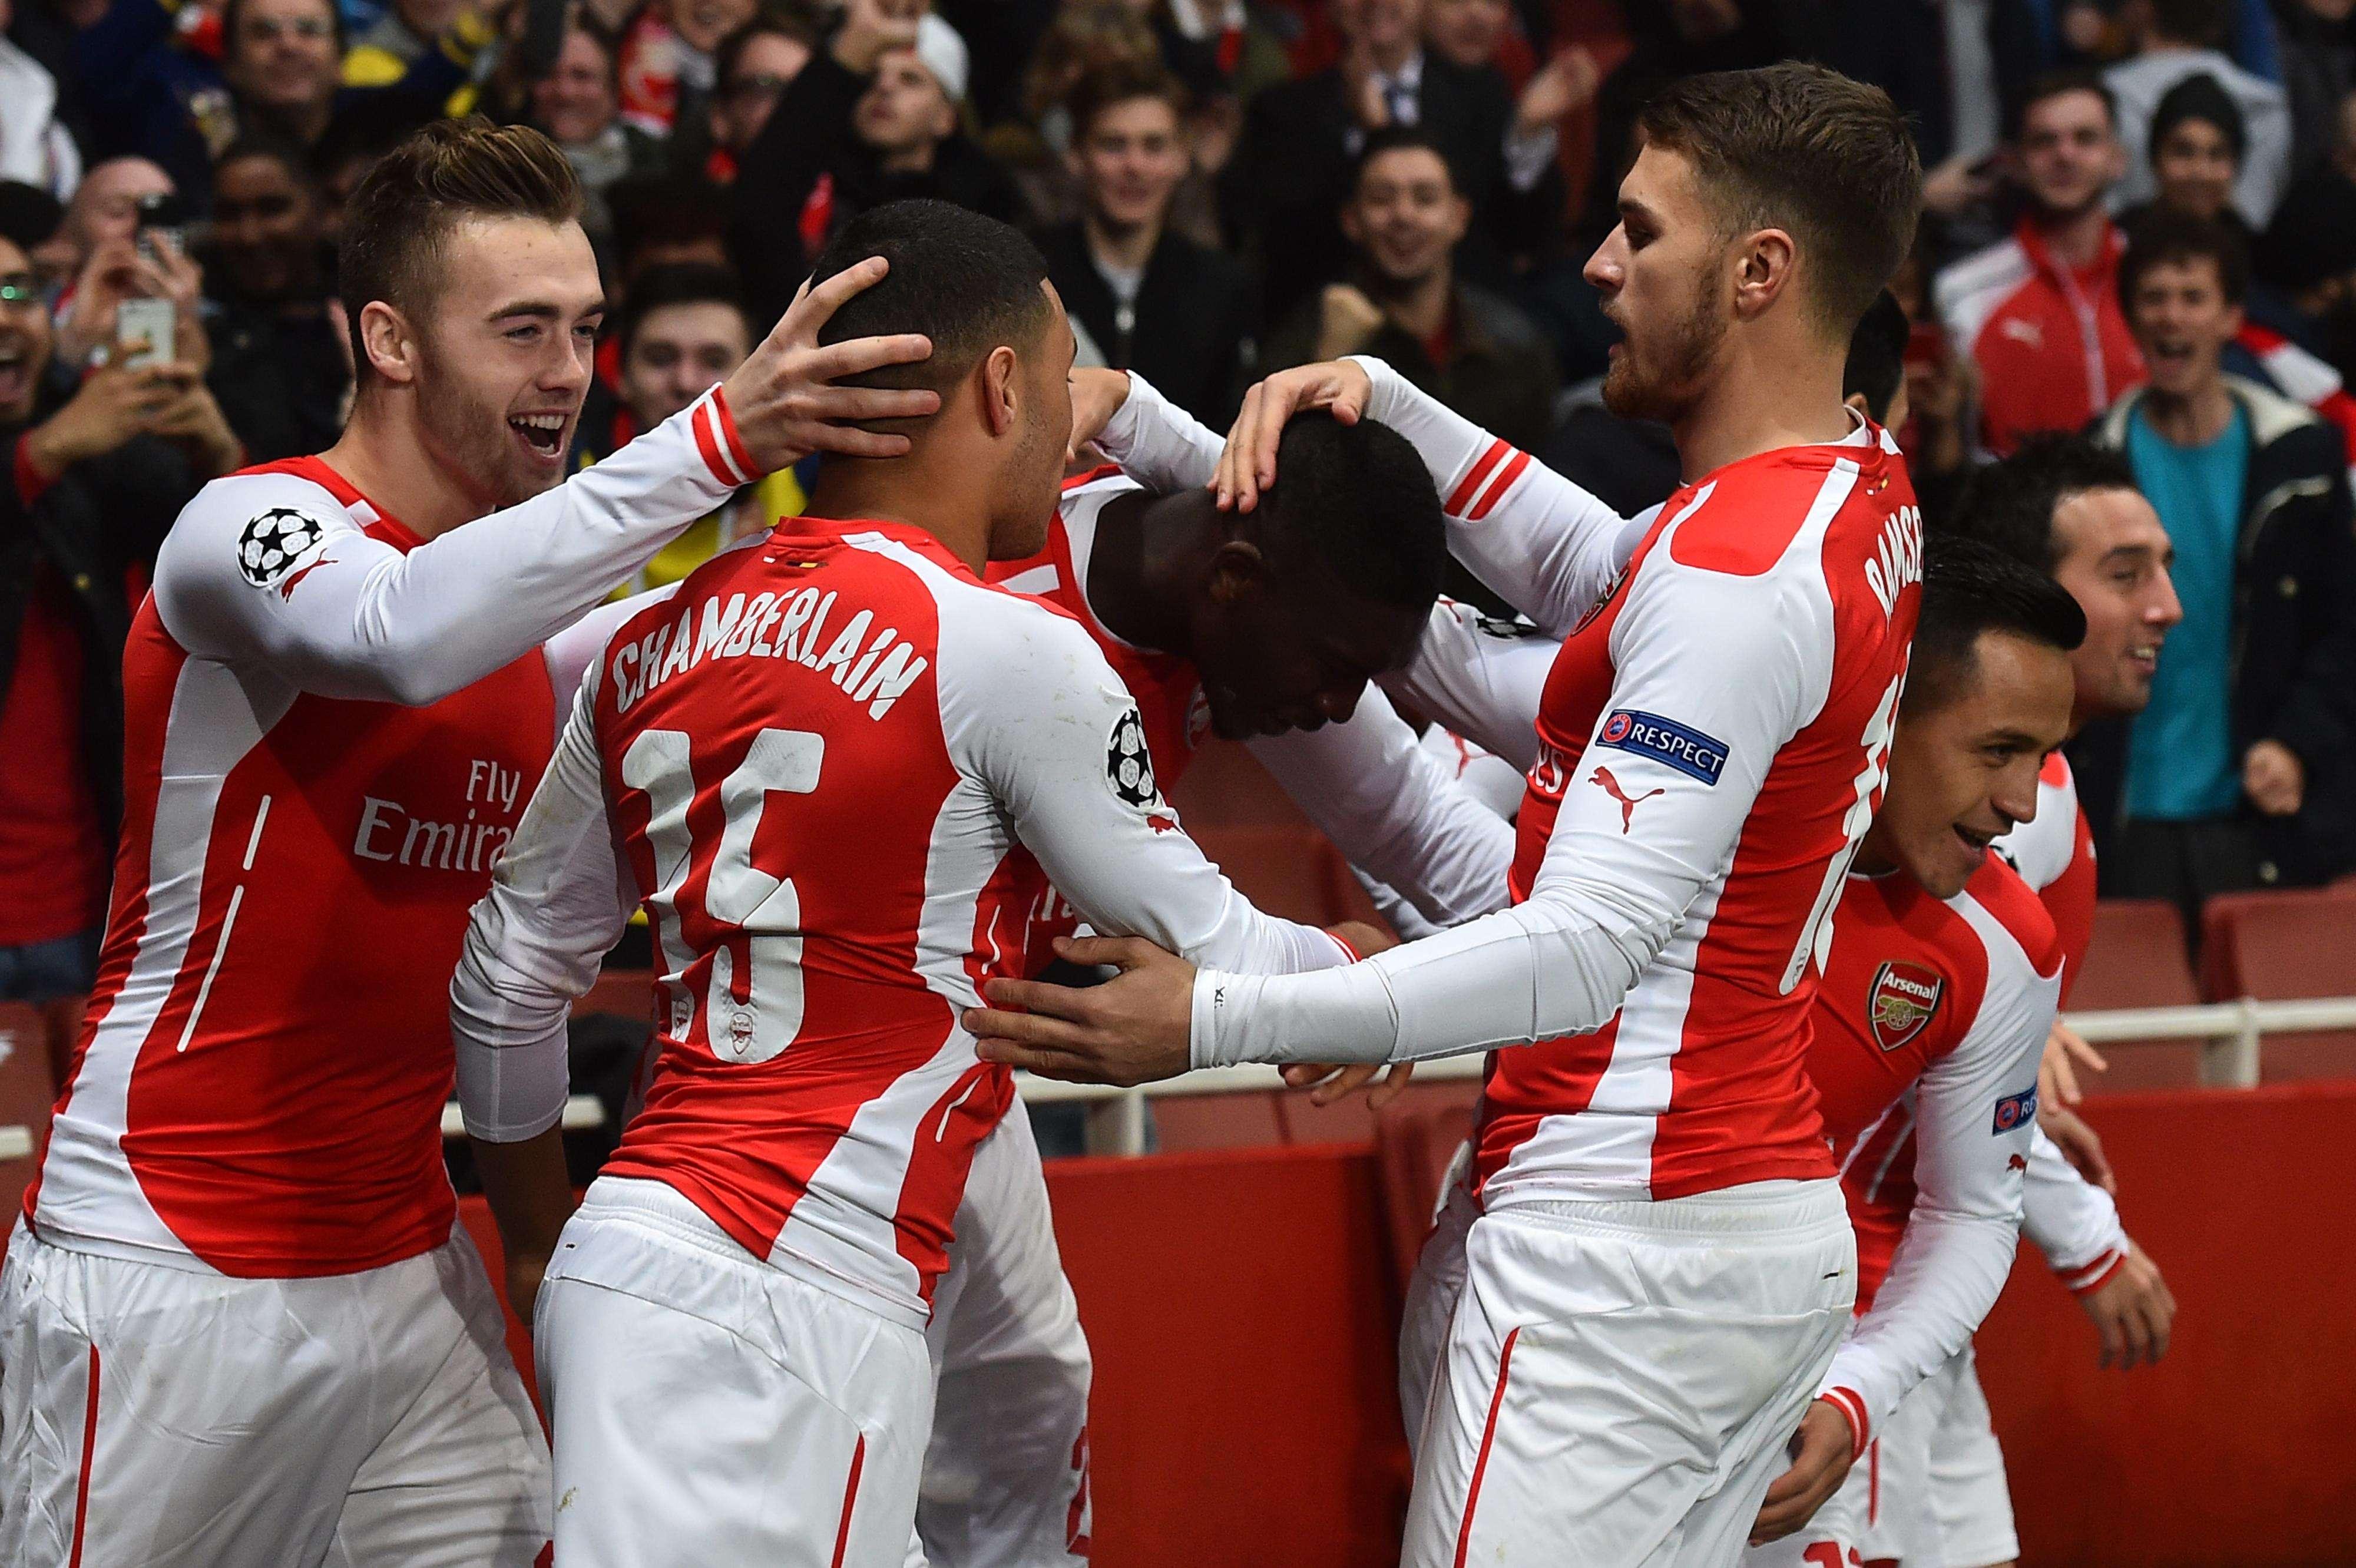 Jogadores do Arsenal comemoram o primeiro gol na vitória sobre o Borussia Dortmund Foto: Ben Stansall/AFP